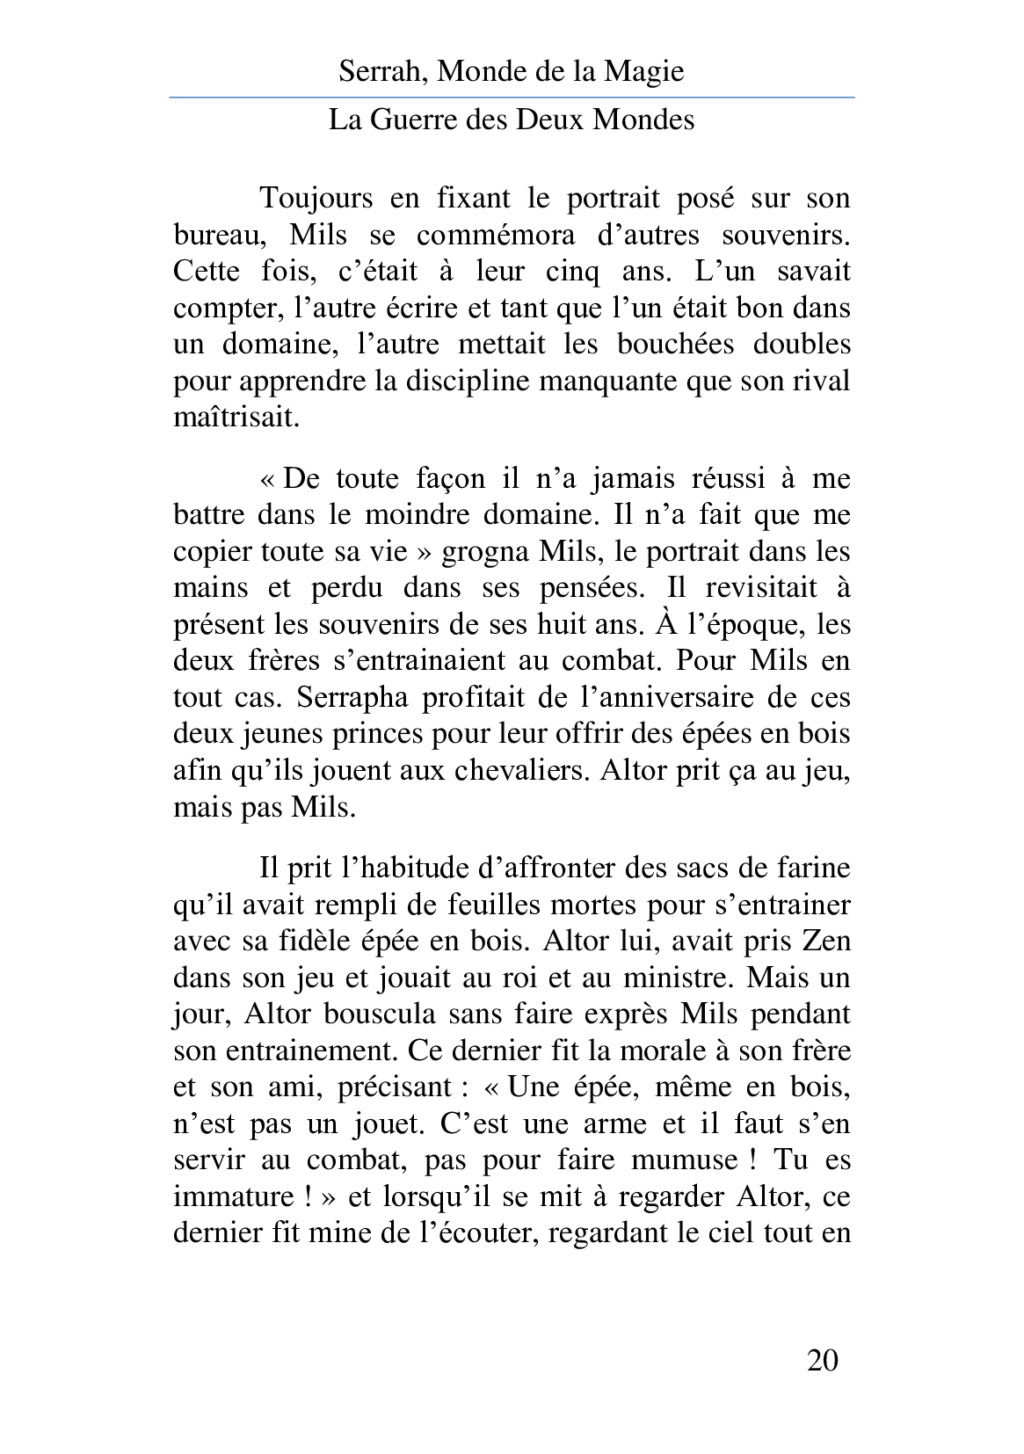 Chapitre 4 - La rivalité fraternelle 40172012